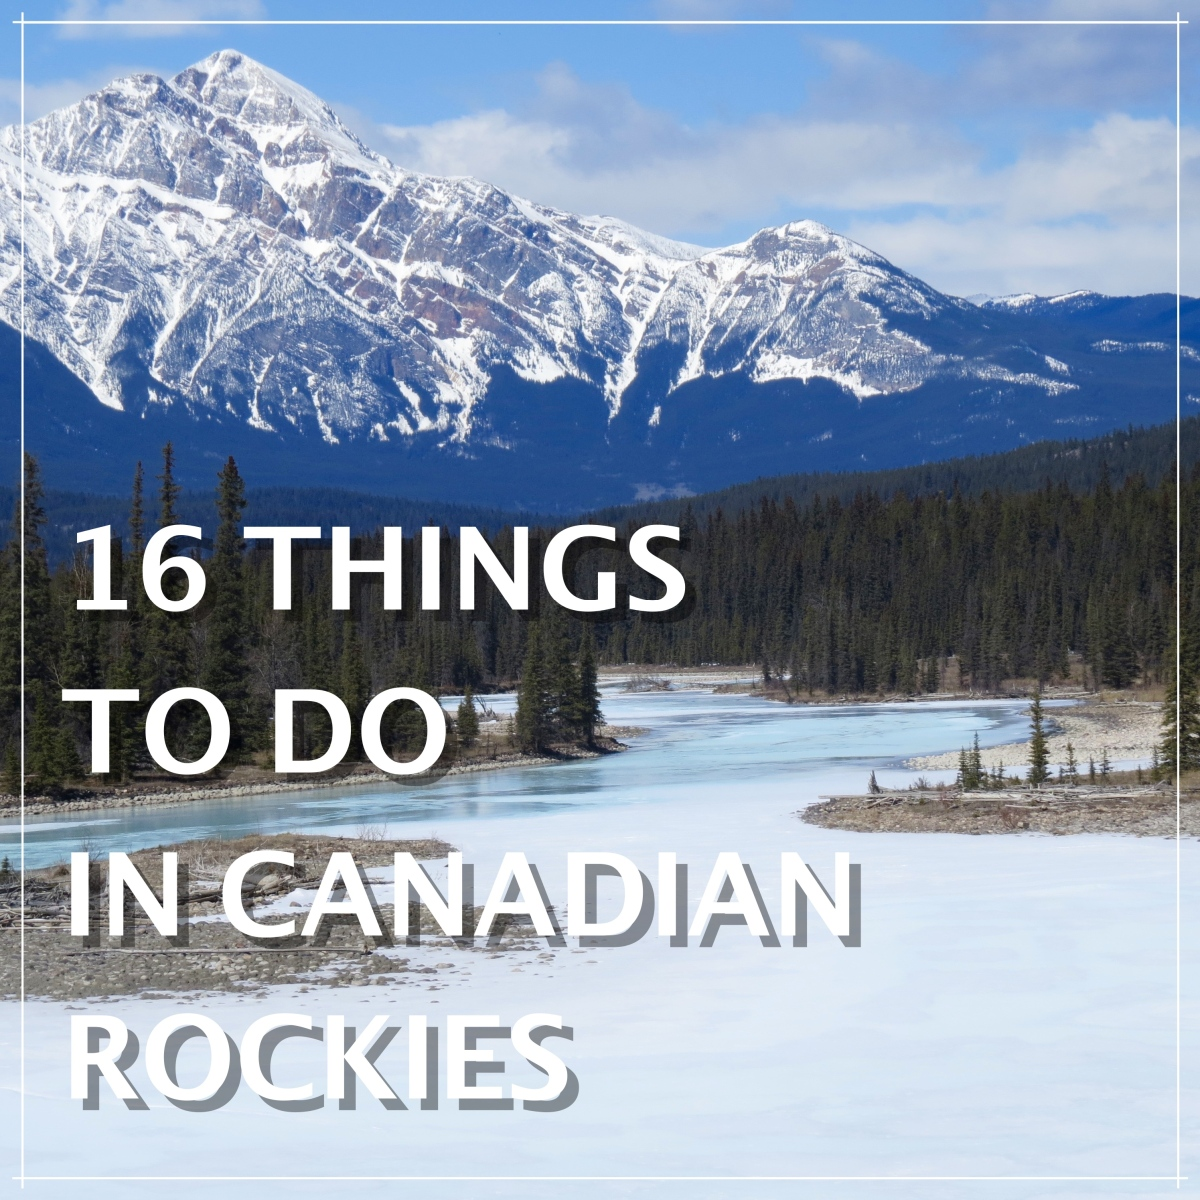 16 choses à voir dans les Rocheuses Canadiennes  !